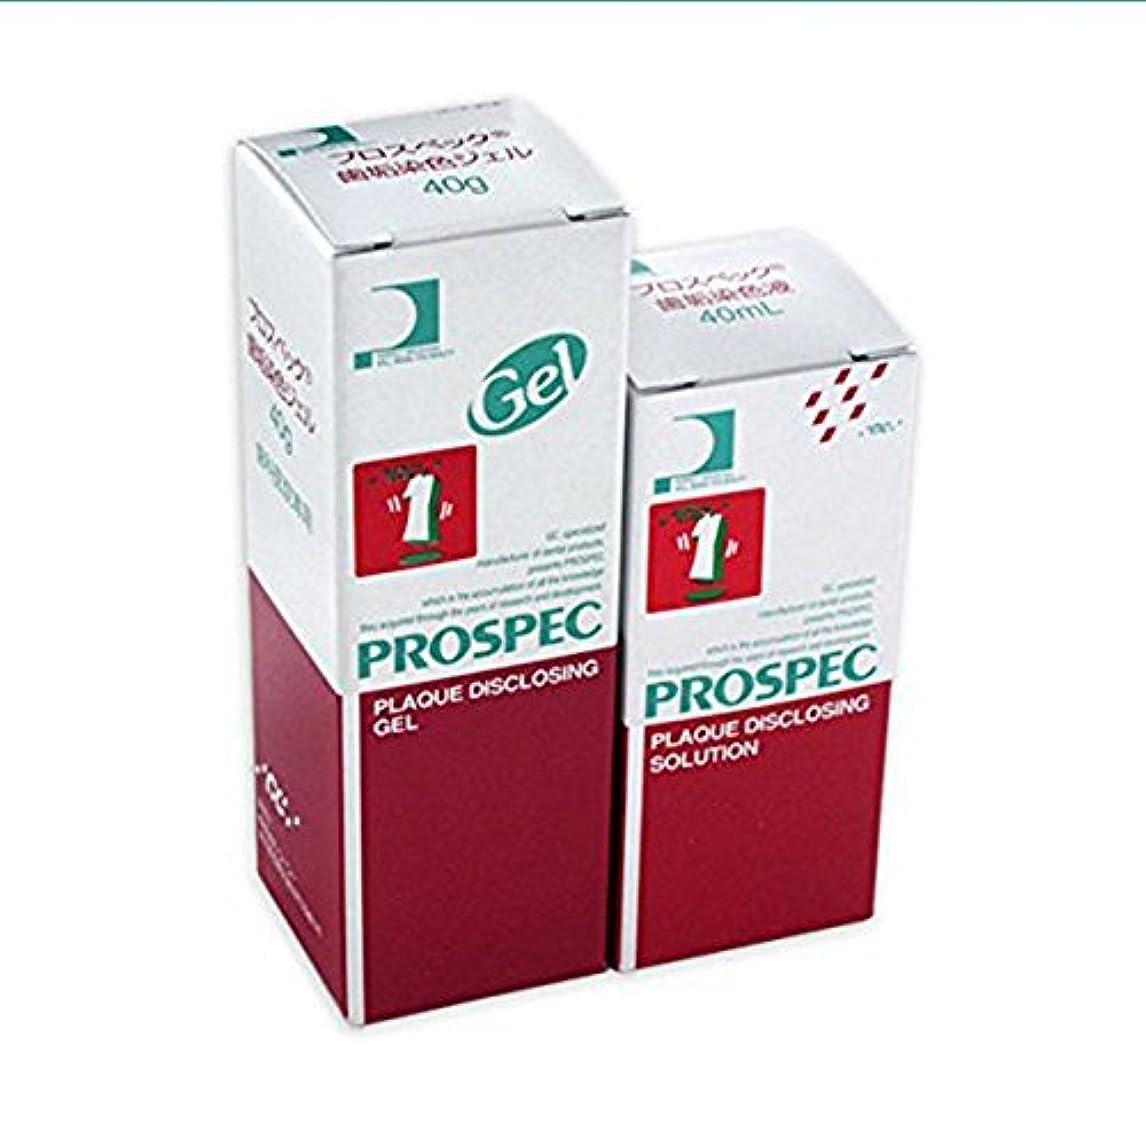 引っ張るサミュエルポンペイプロスペック プロスペック 歯垢染色液 40ml単品